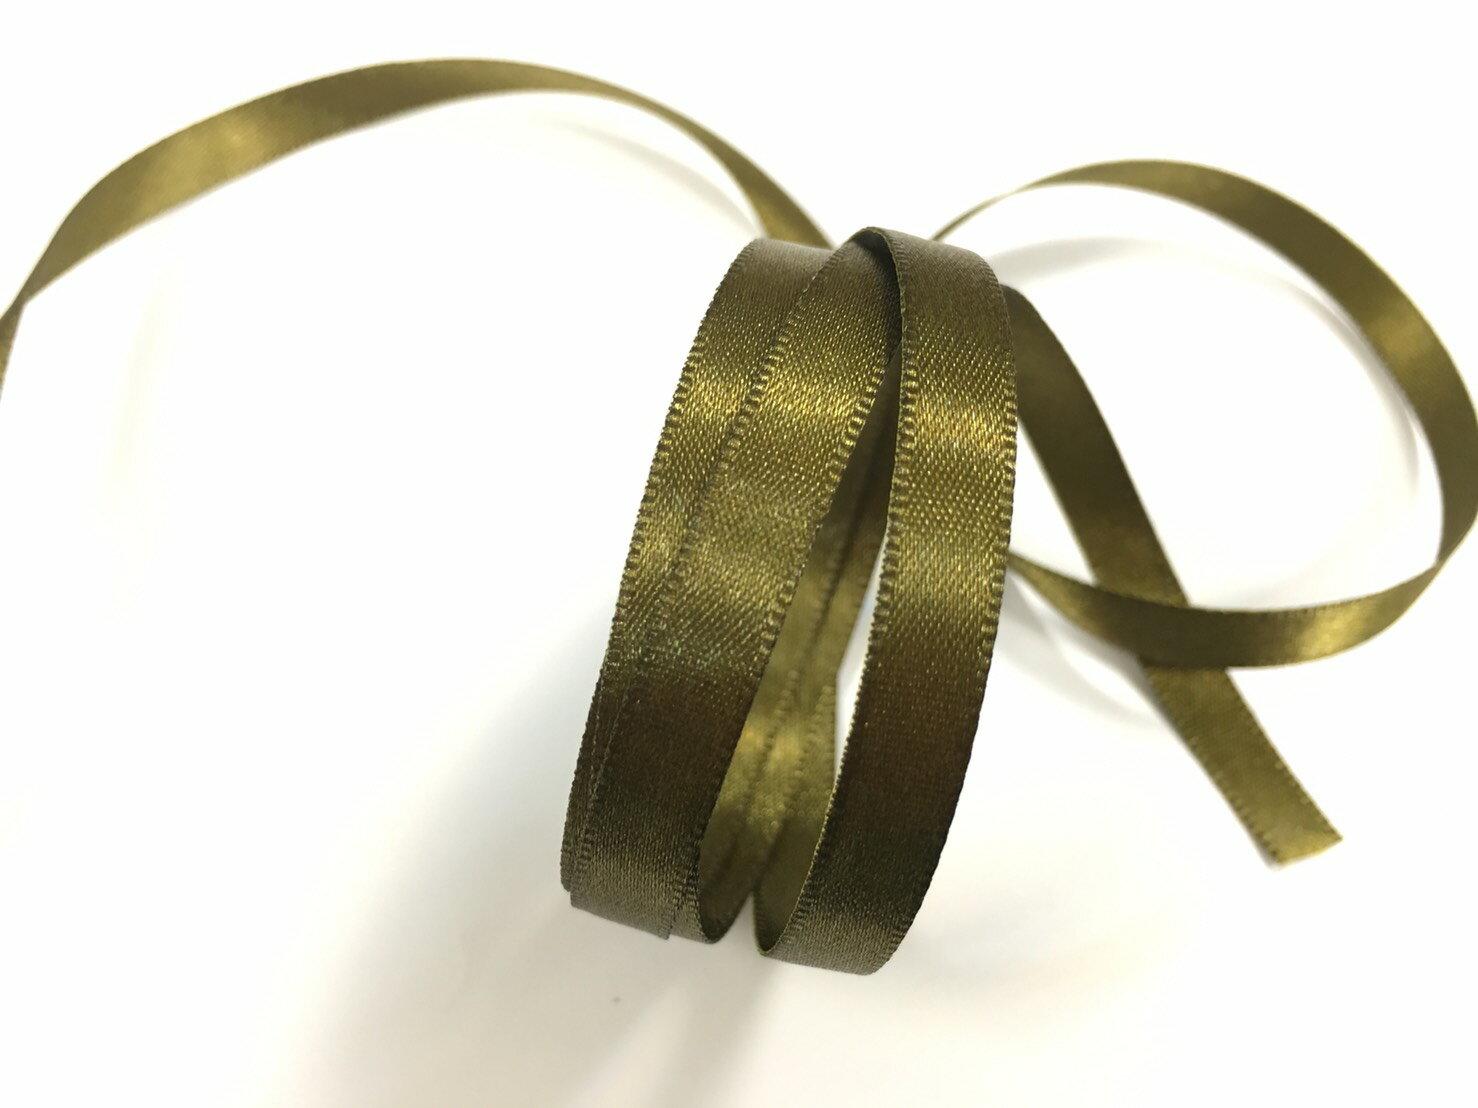 雙面緞面緞帶 6mm 3碼 (20色) 1